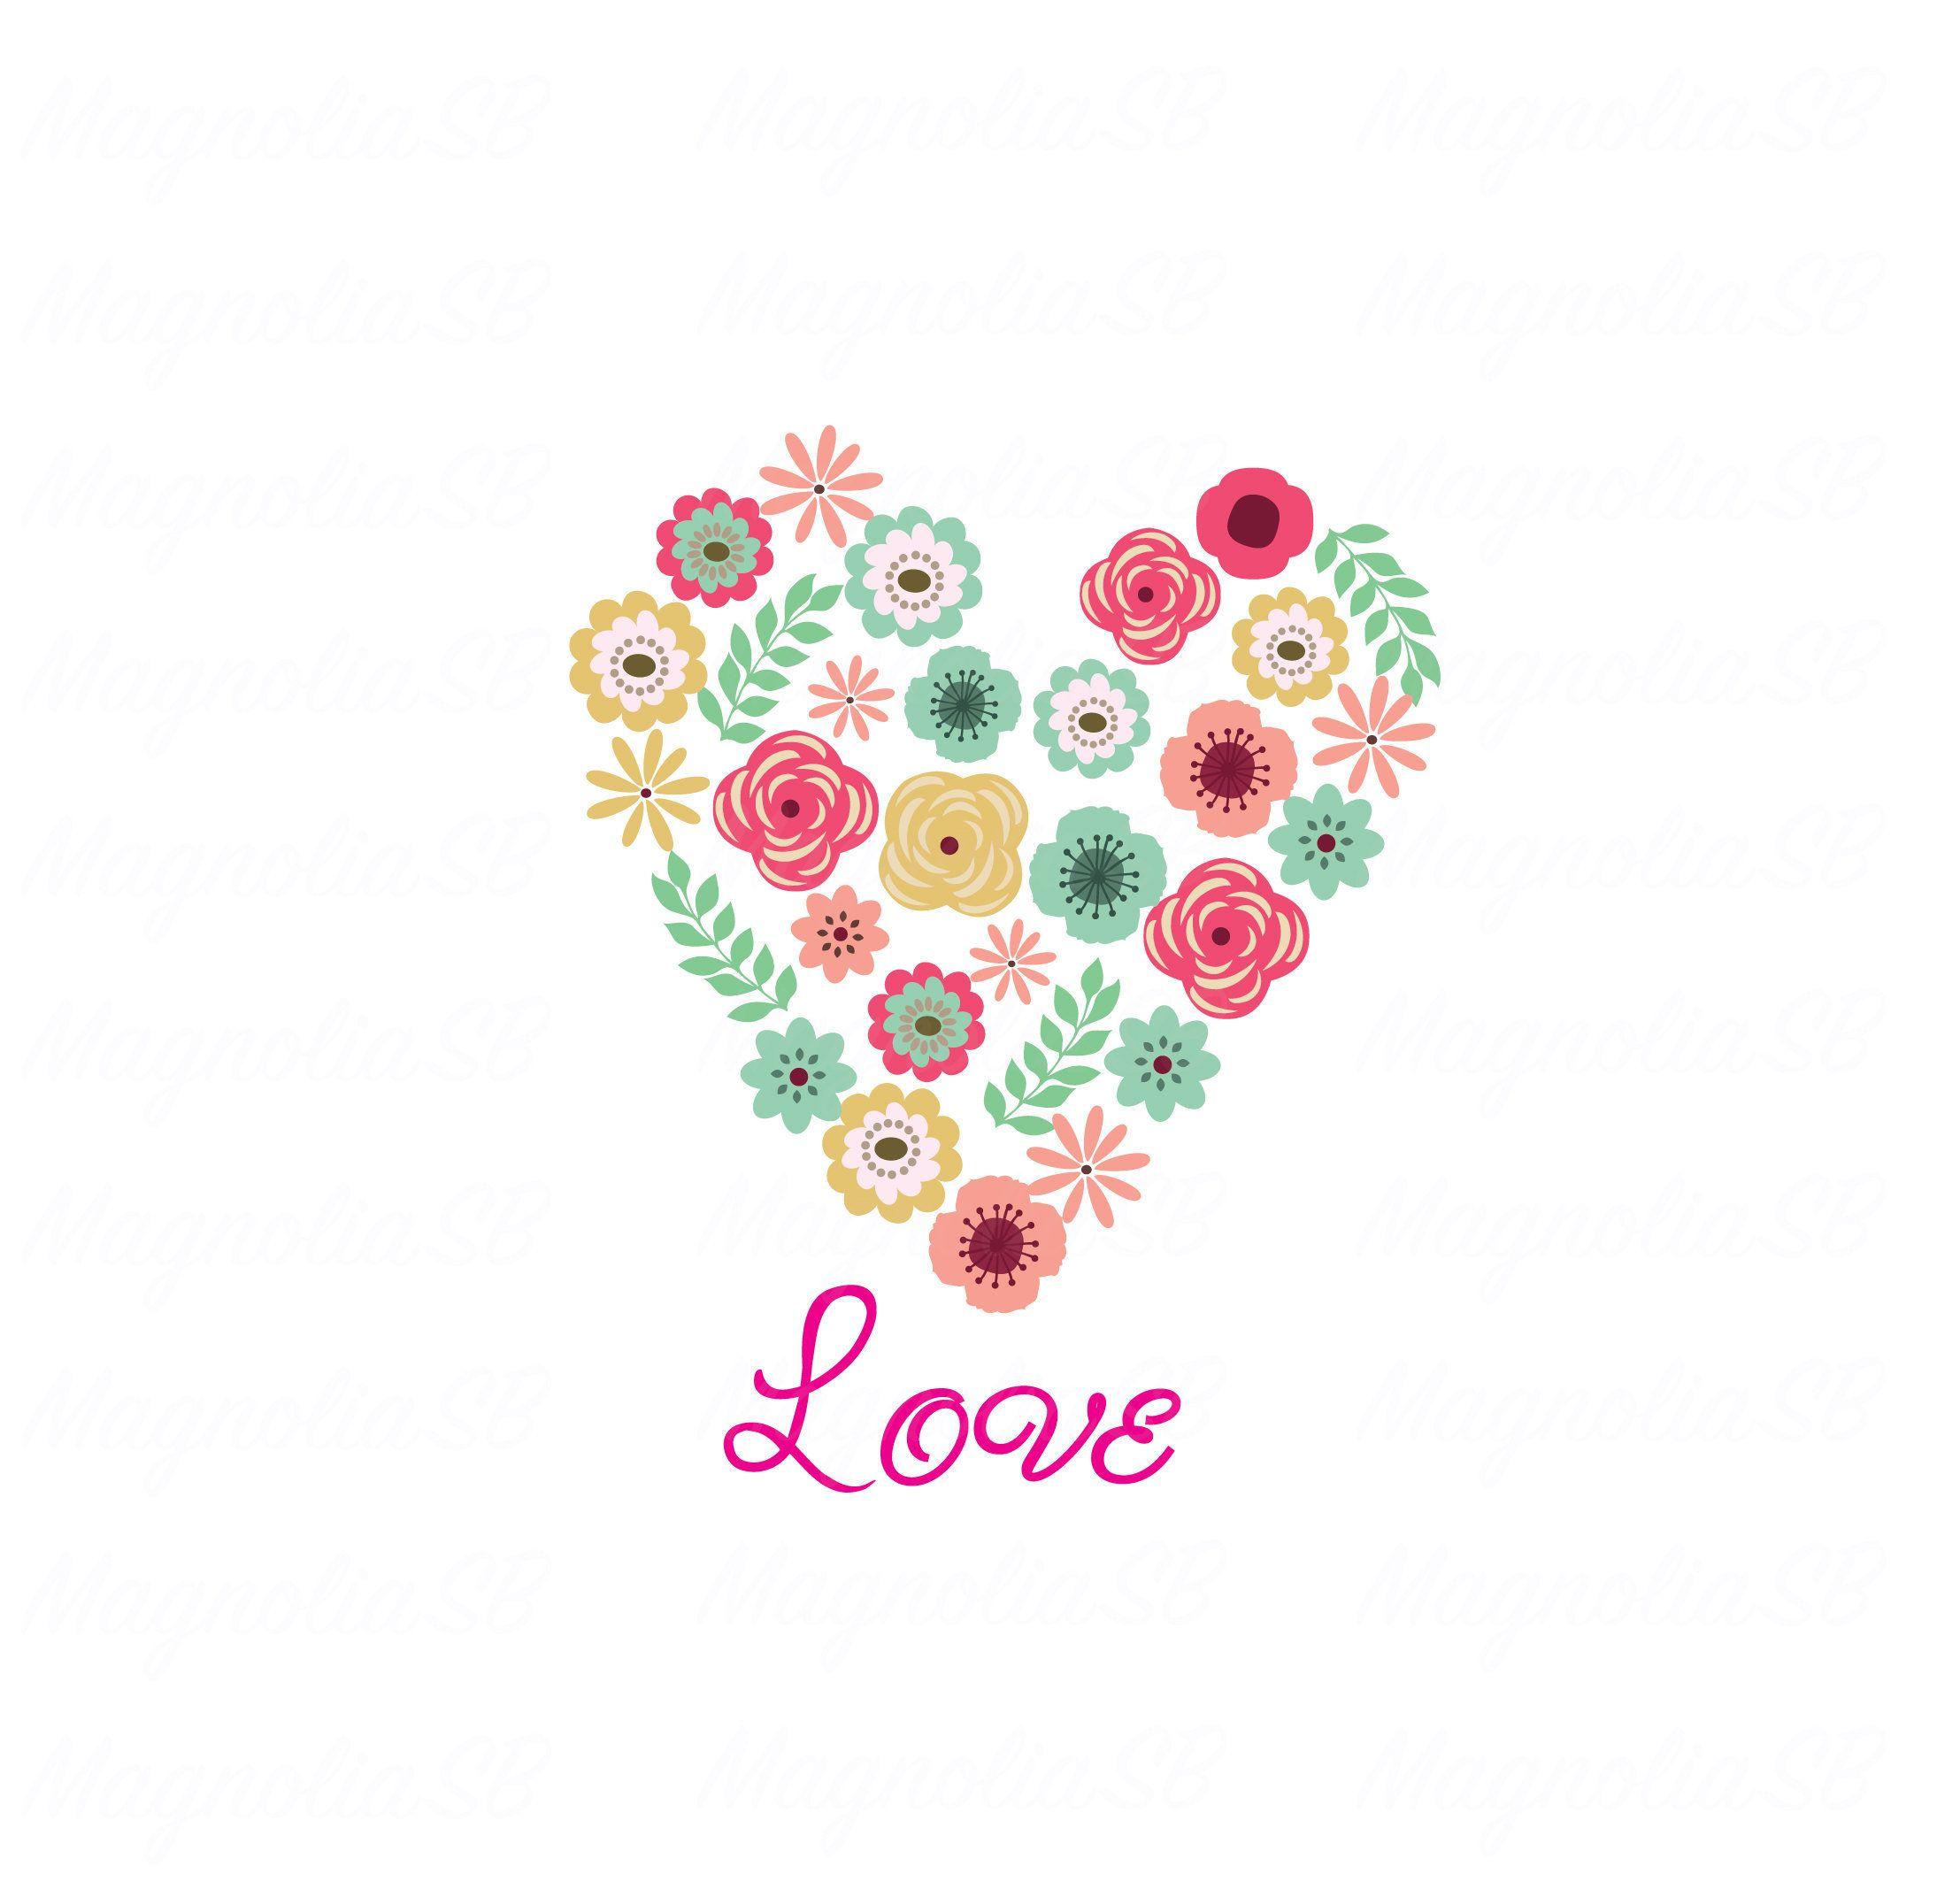 floral heart digital clip art floral heart printable card | etsy | digital  clip art, clip art, floral art  pinterest